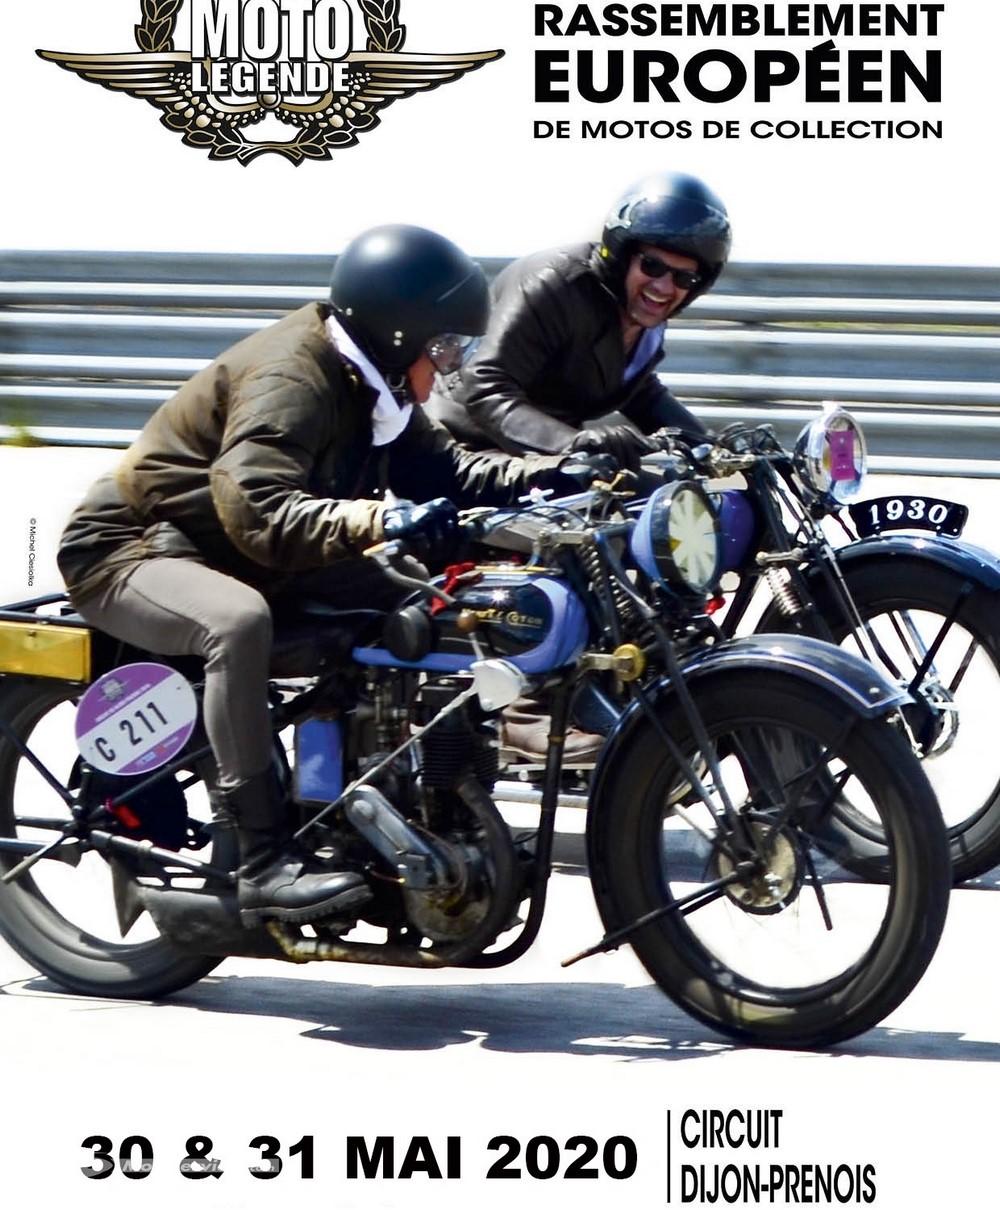 Les coupes Moto Légende reportées